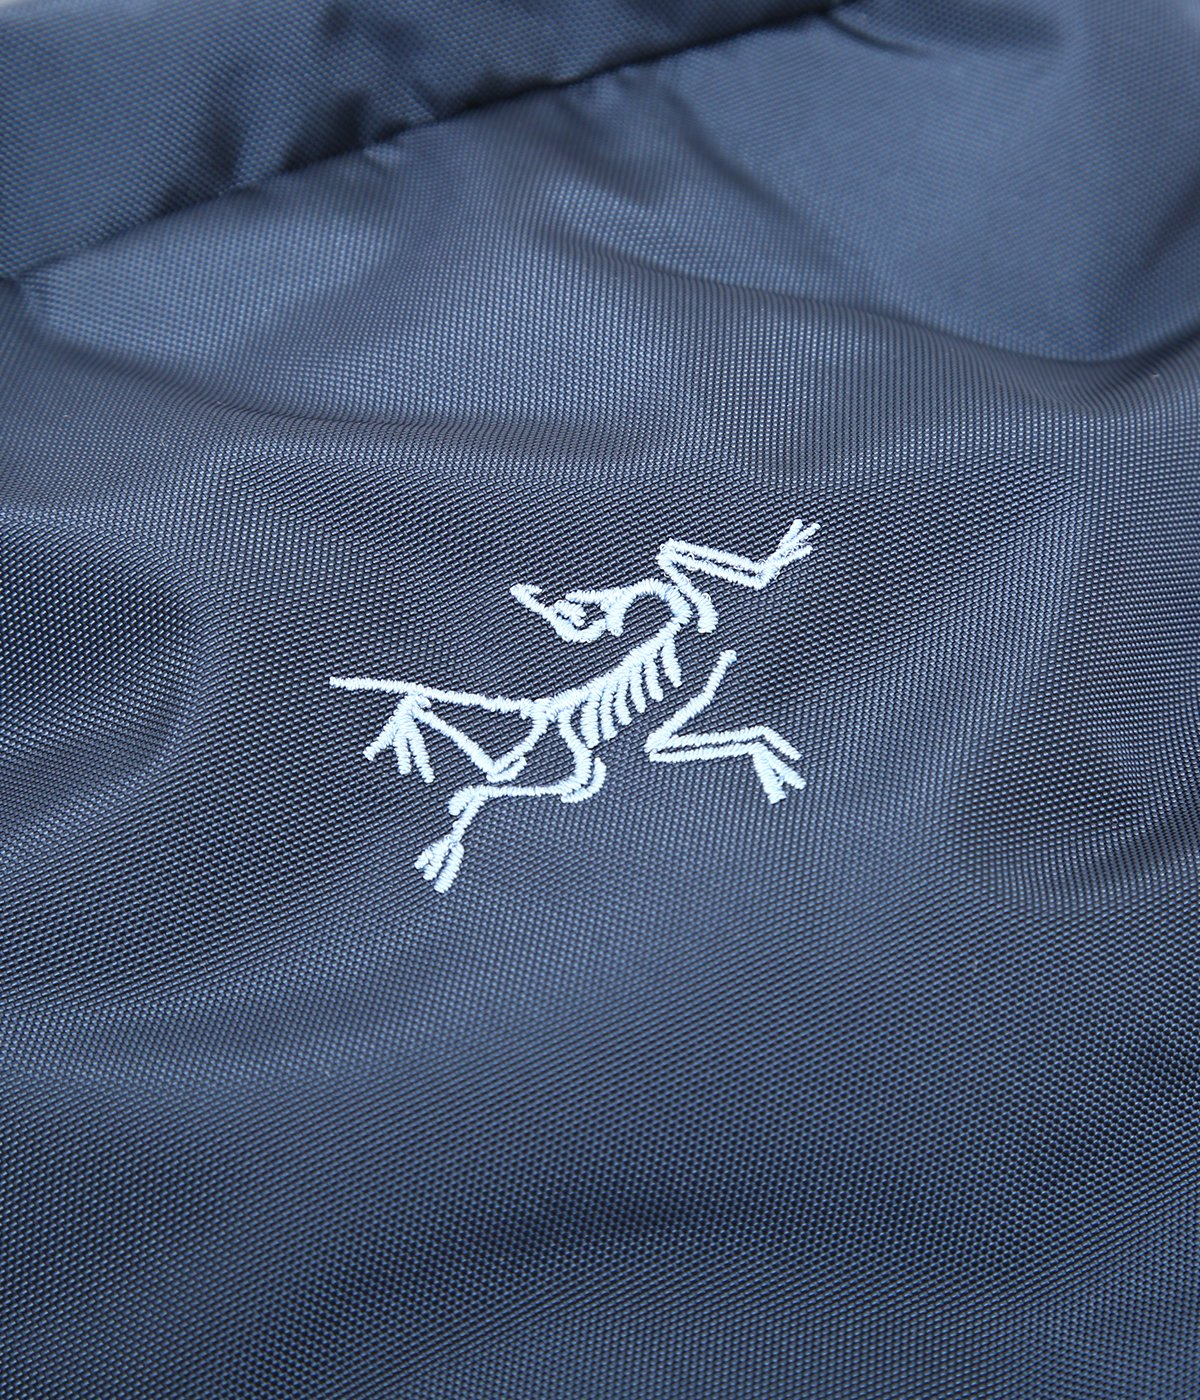 Mantis 26 Backpack